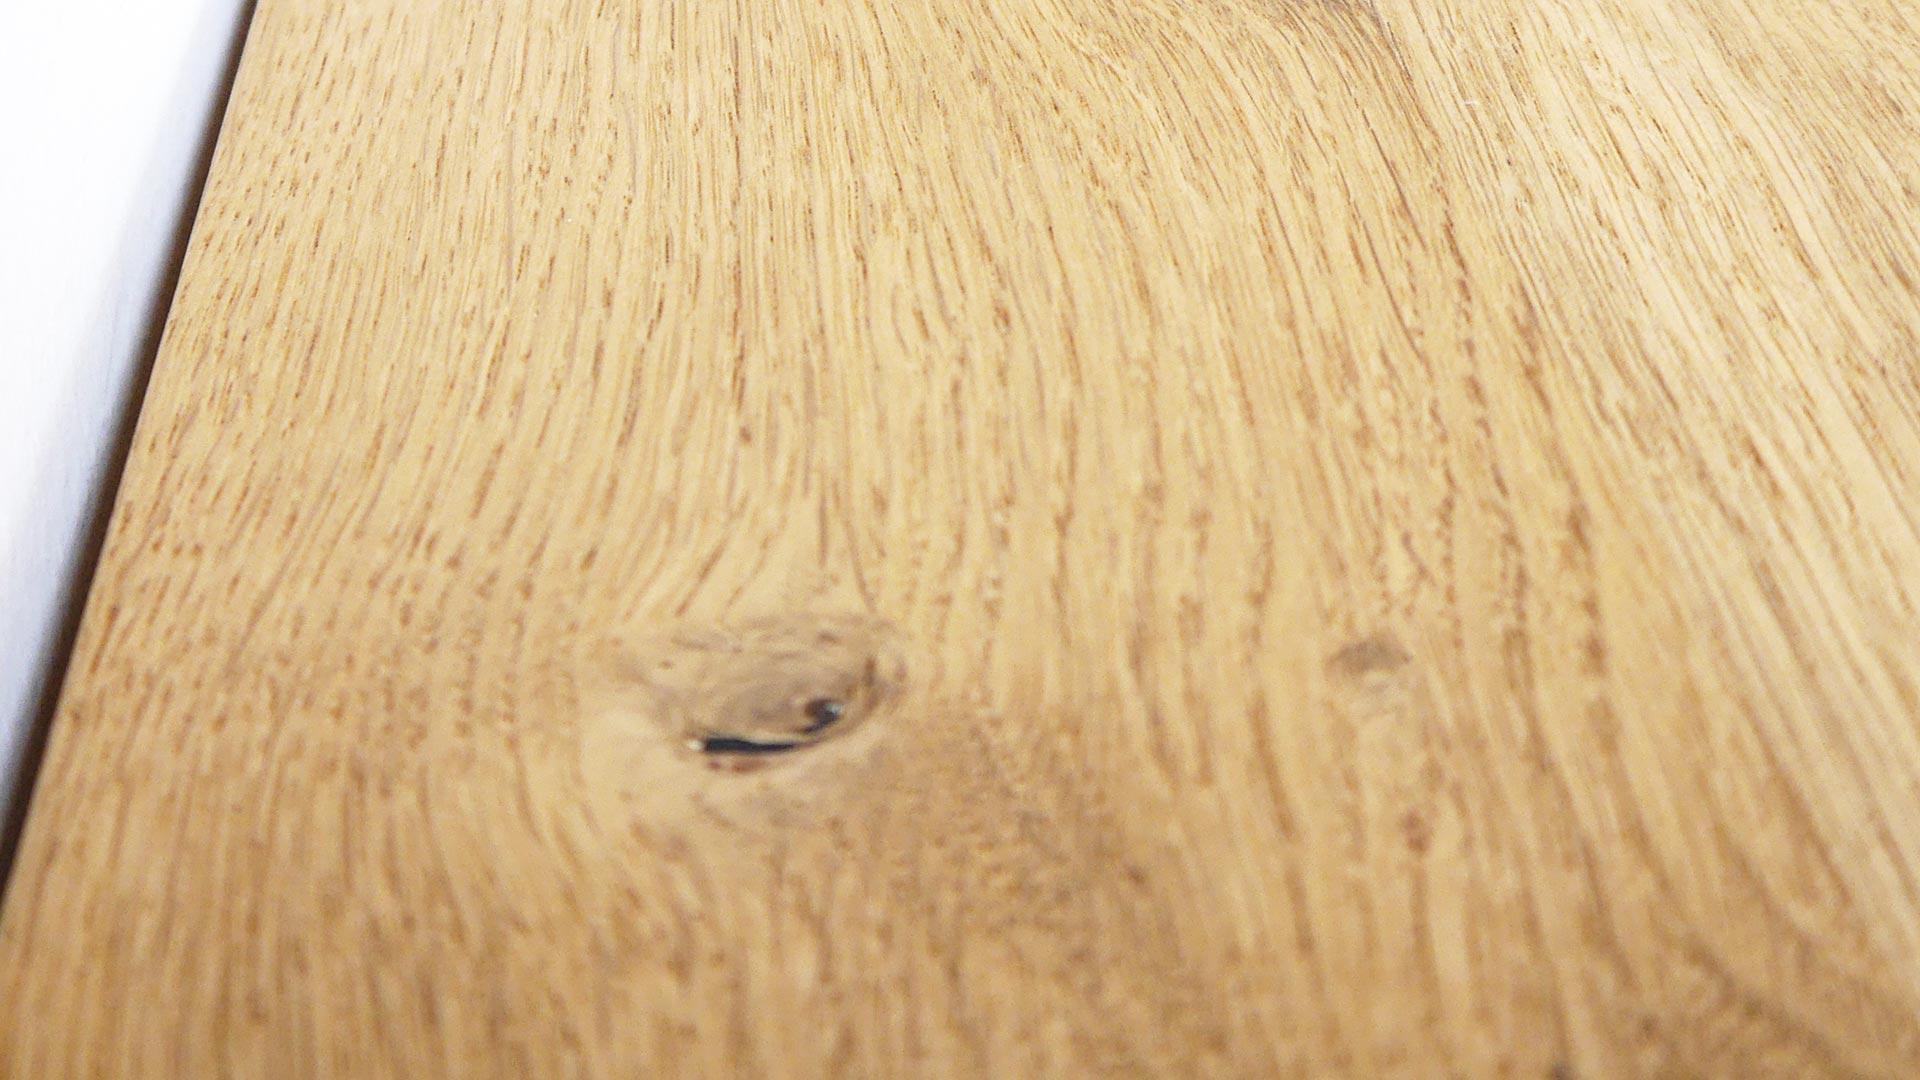 Geölte Holzoberflächen sind gerade wegen ihrer angenehmen organischen Haptik sehr beliebt.